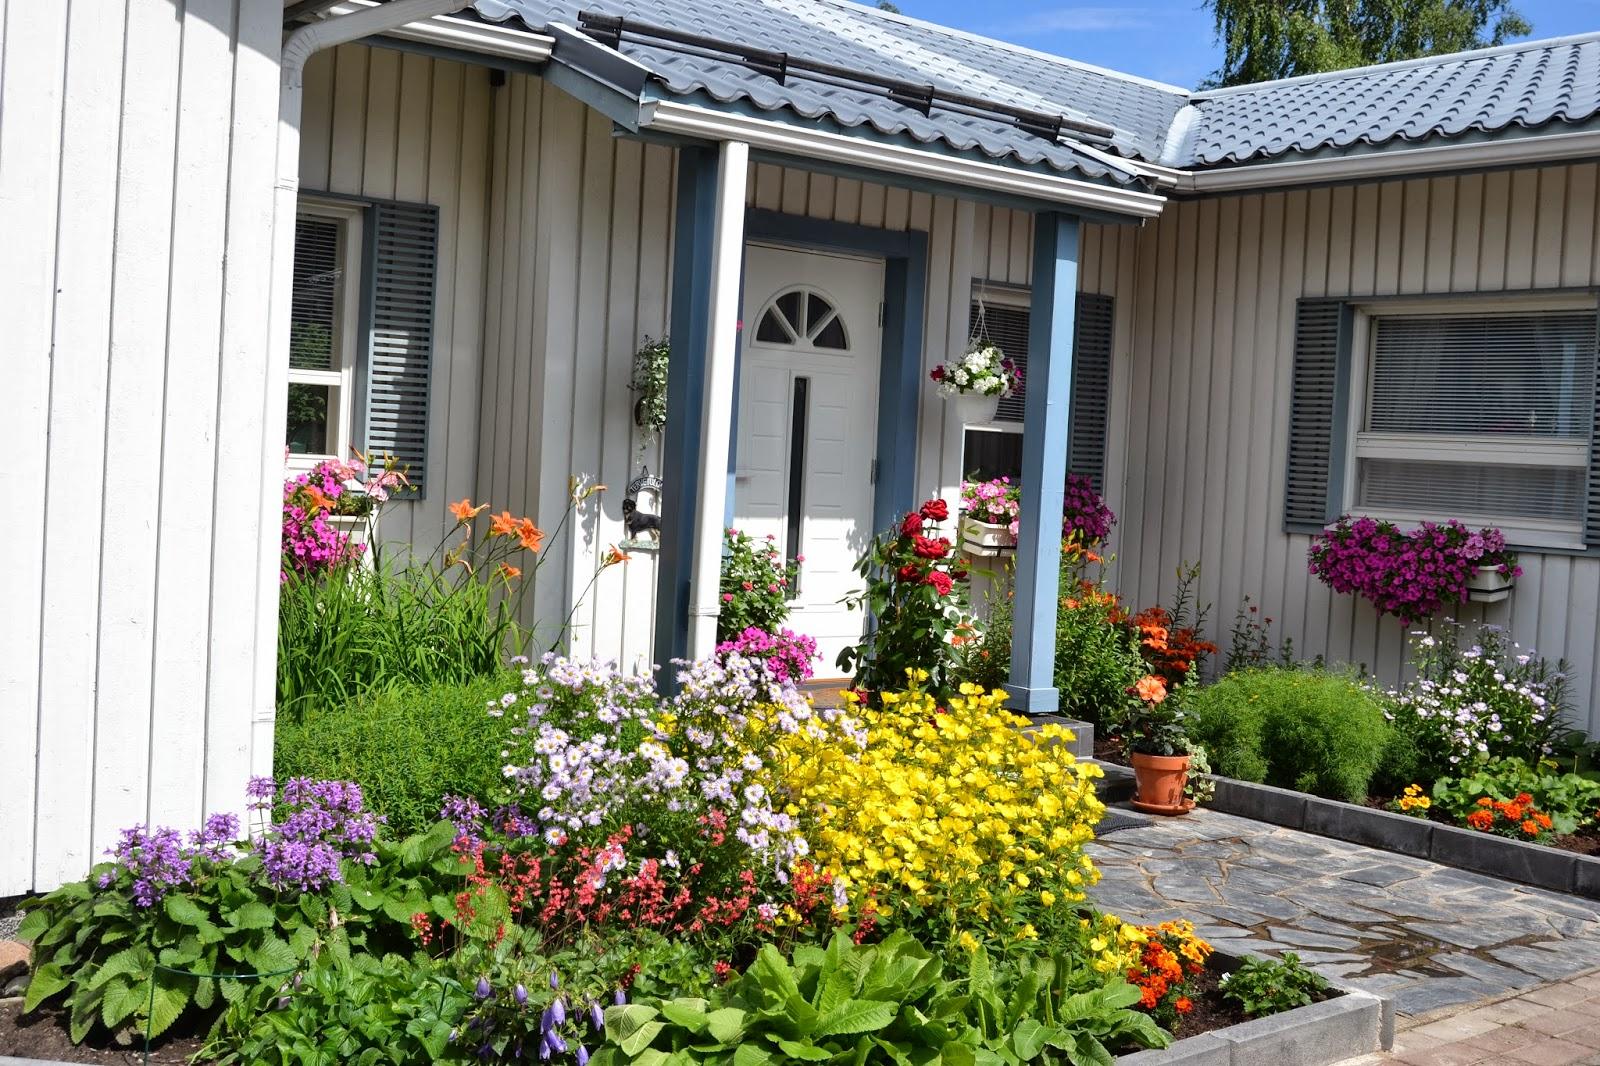 Puutarhakesä 2013 kuvina – Gardening summer 2013 in pictures